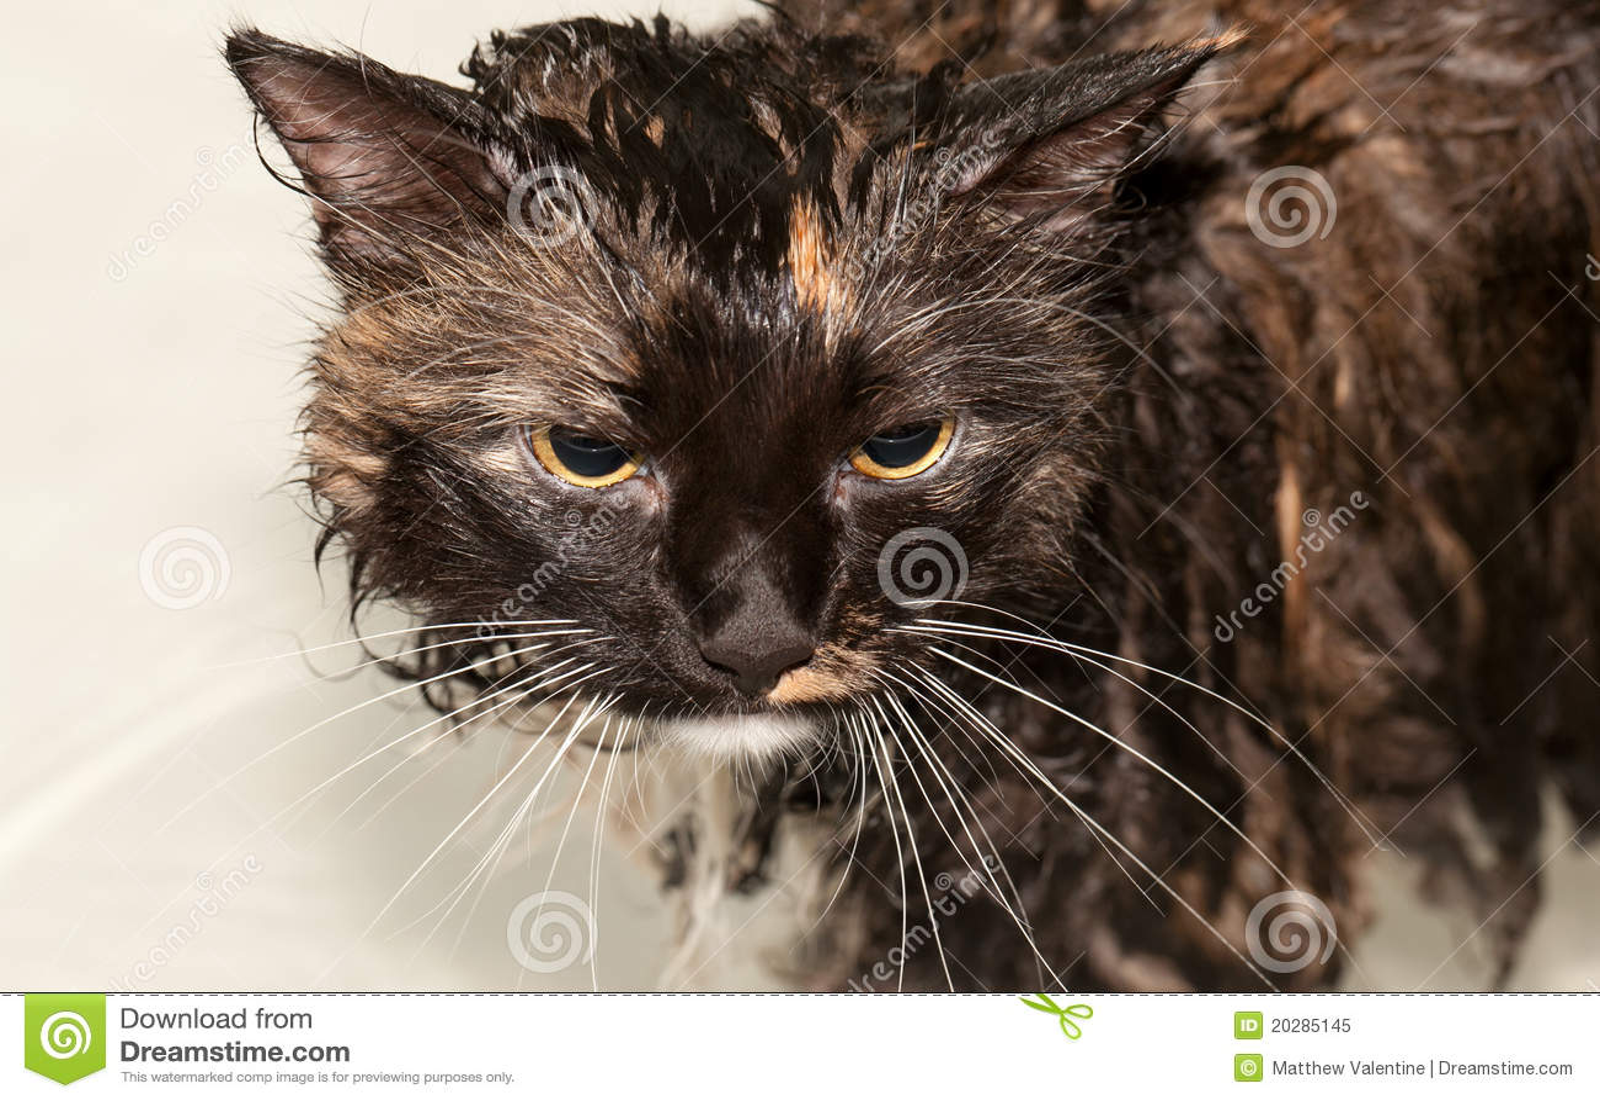 Gatto bagnato in vasca da bagno fotografia stock libera da diritti immagine 20285145 - Sesso in vasca da bagno ...